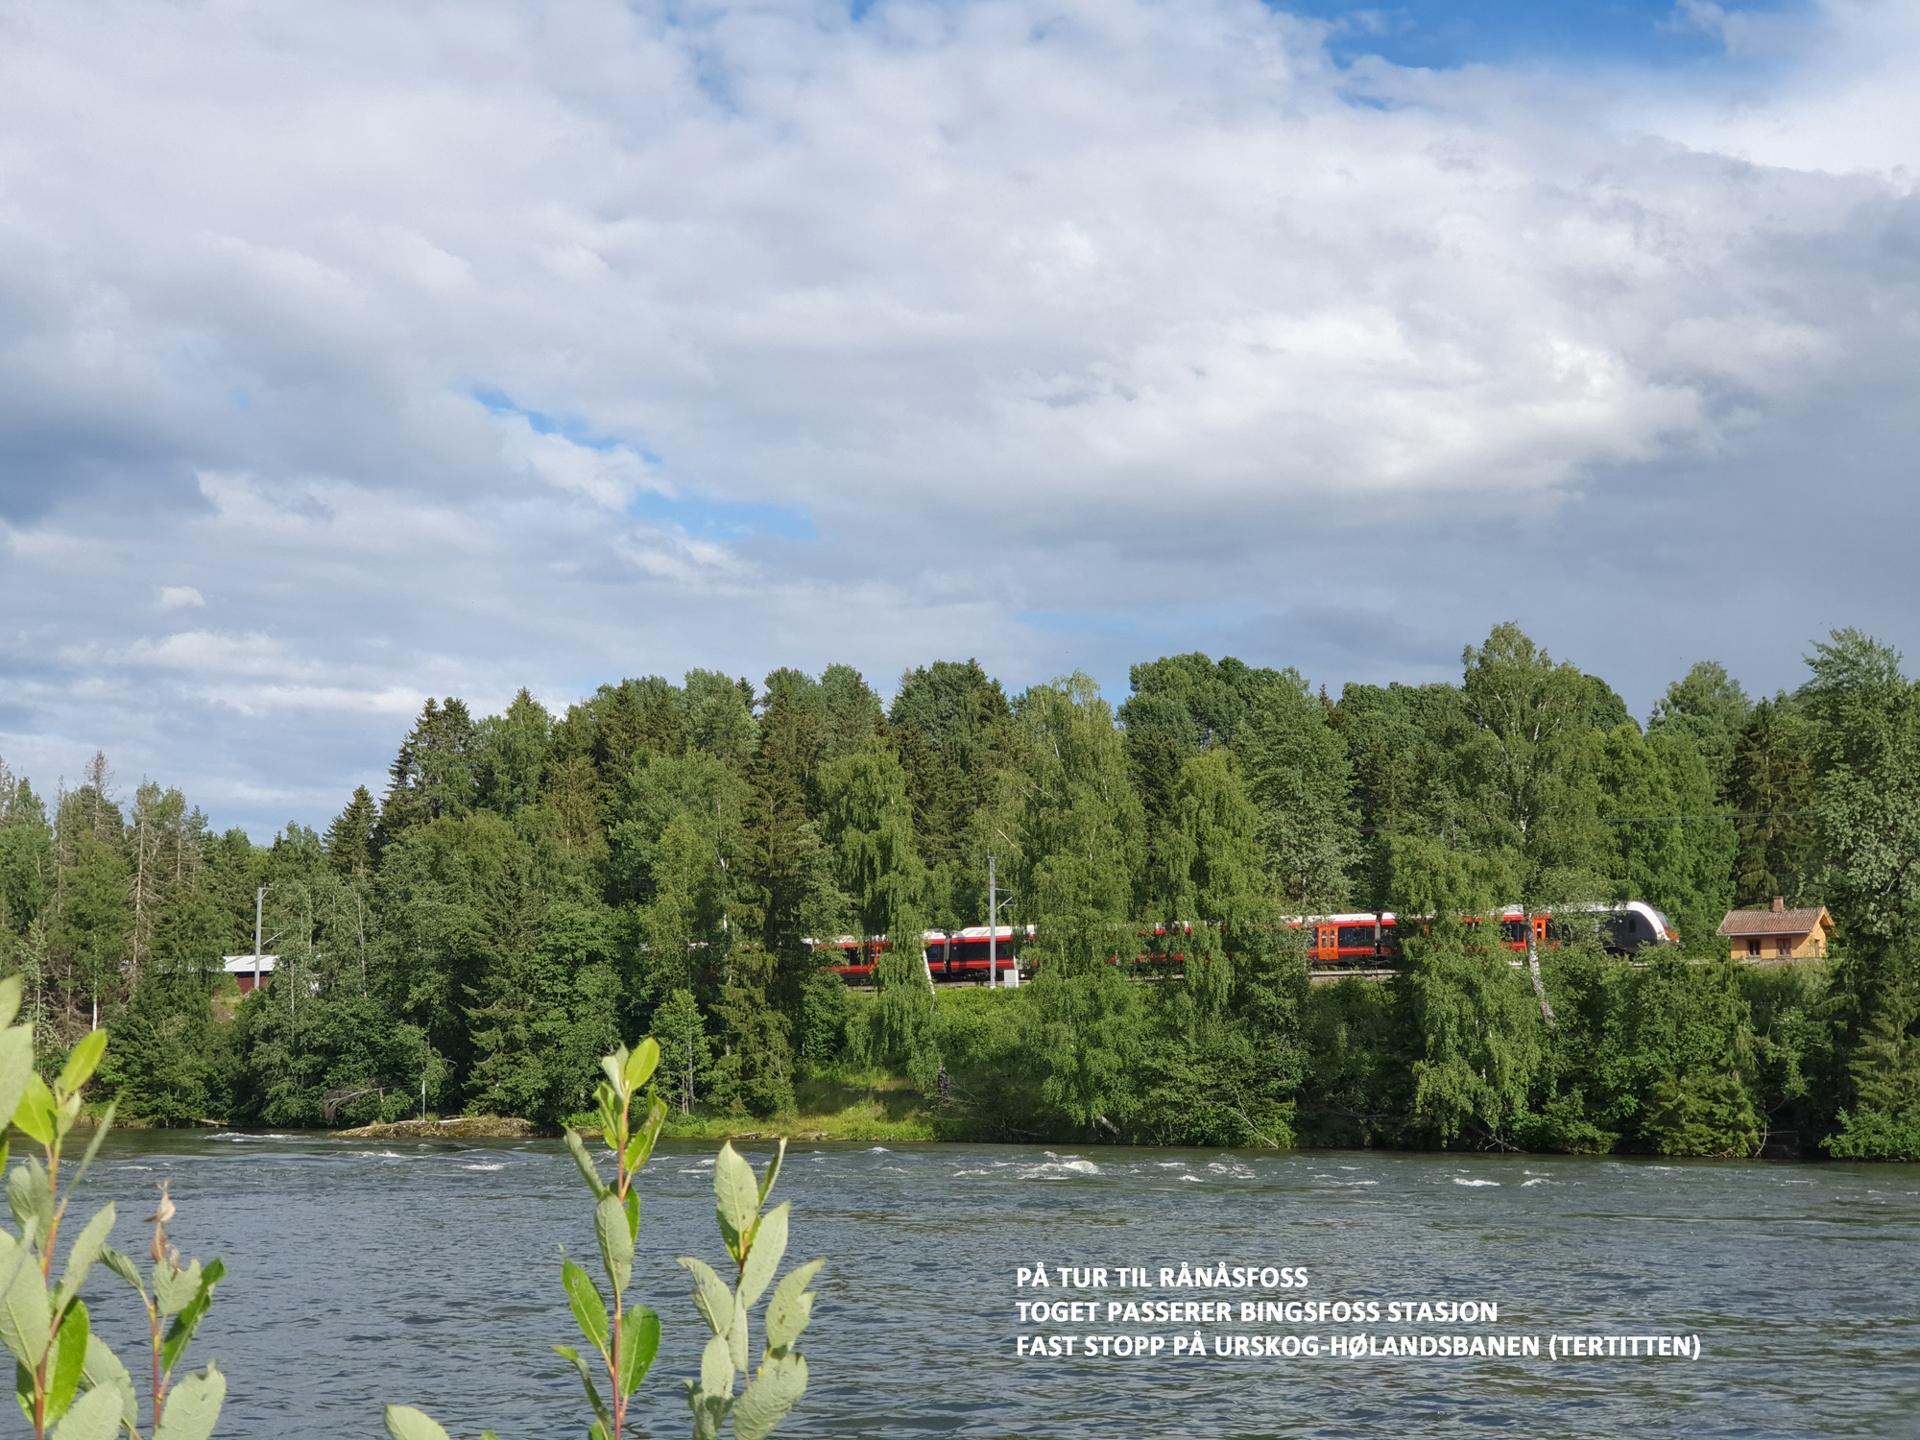 2-2-tog-ved-bingsfoss-stasjon-txt1.jpg